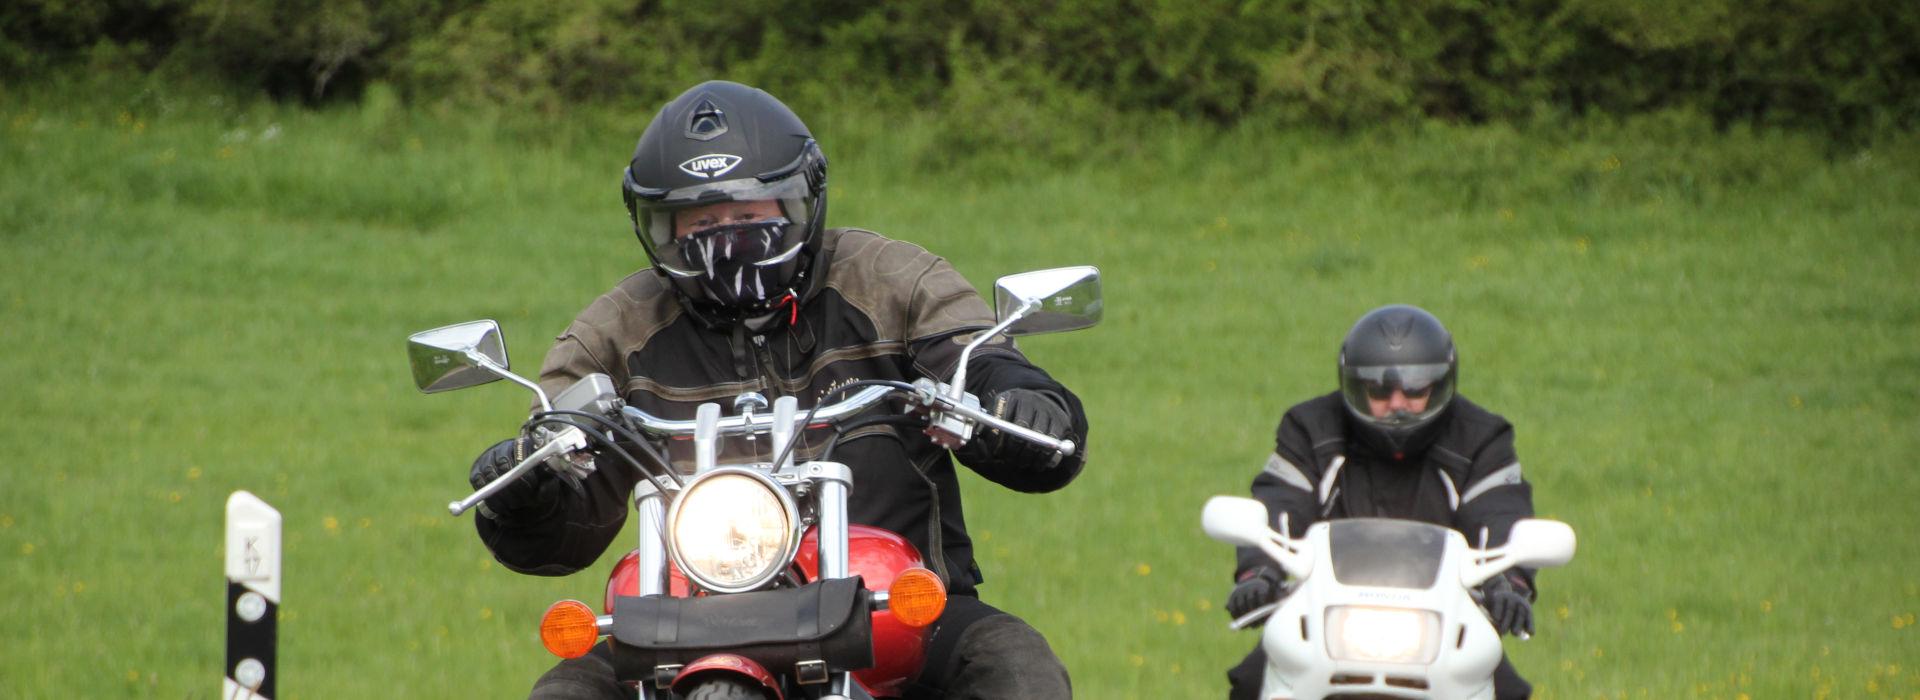 Motorrijbewijspoint Piershil spoed motorrijbewijs